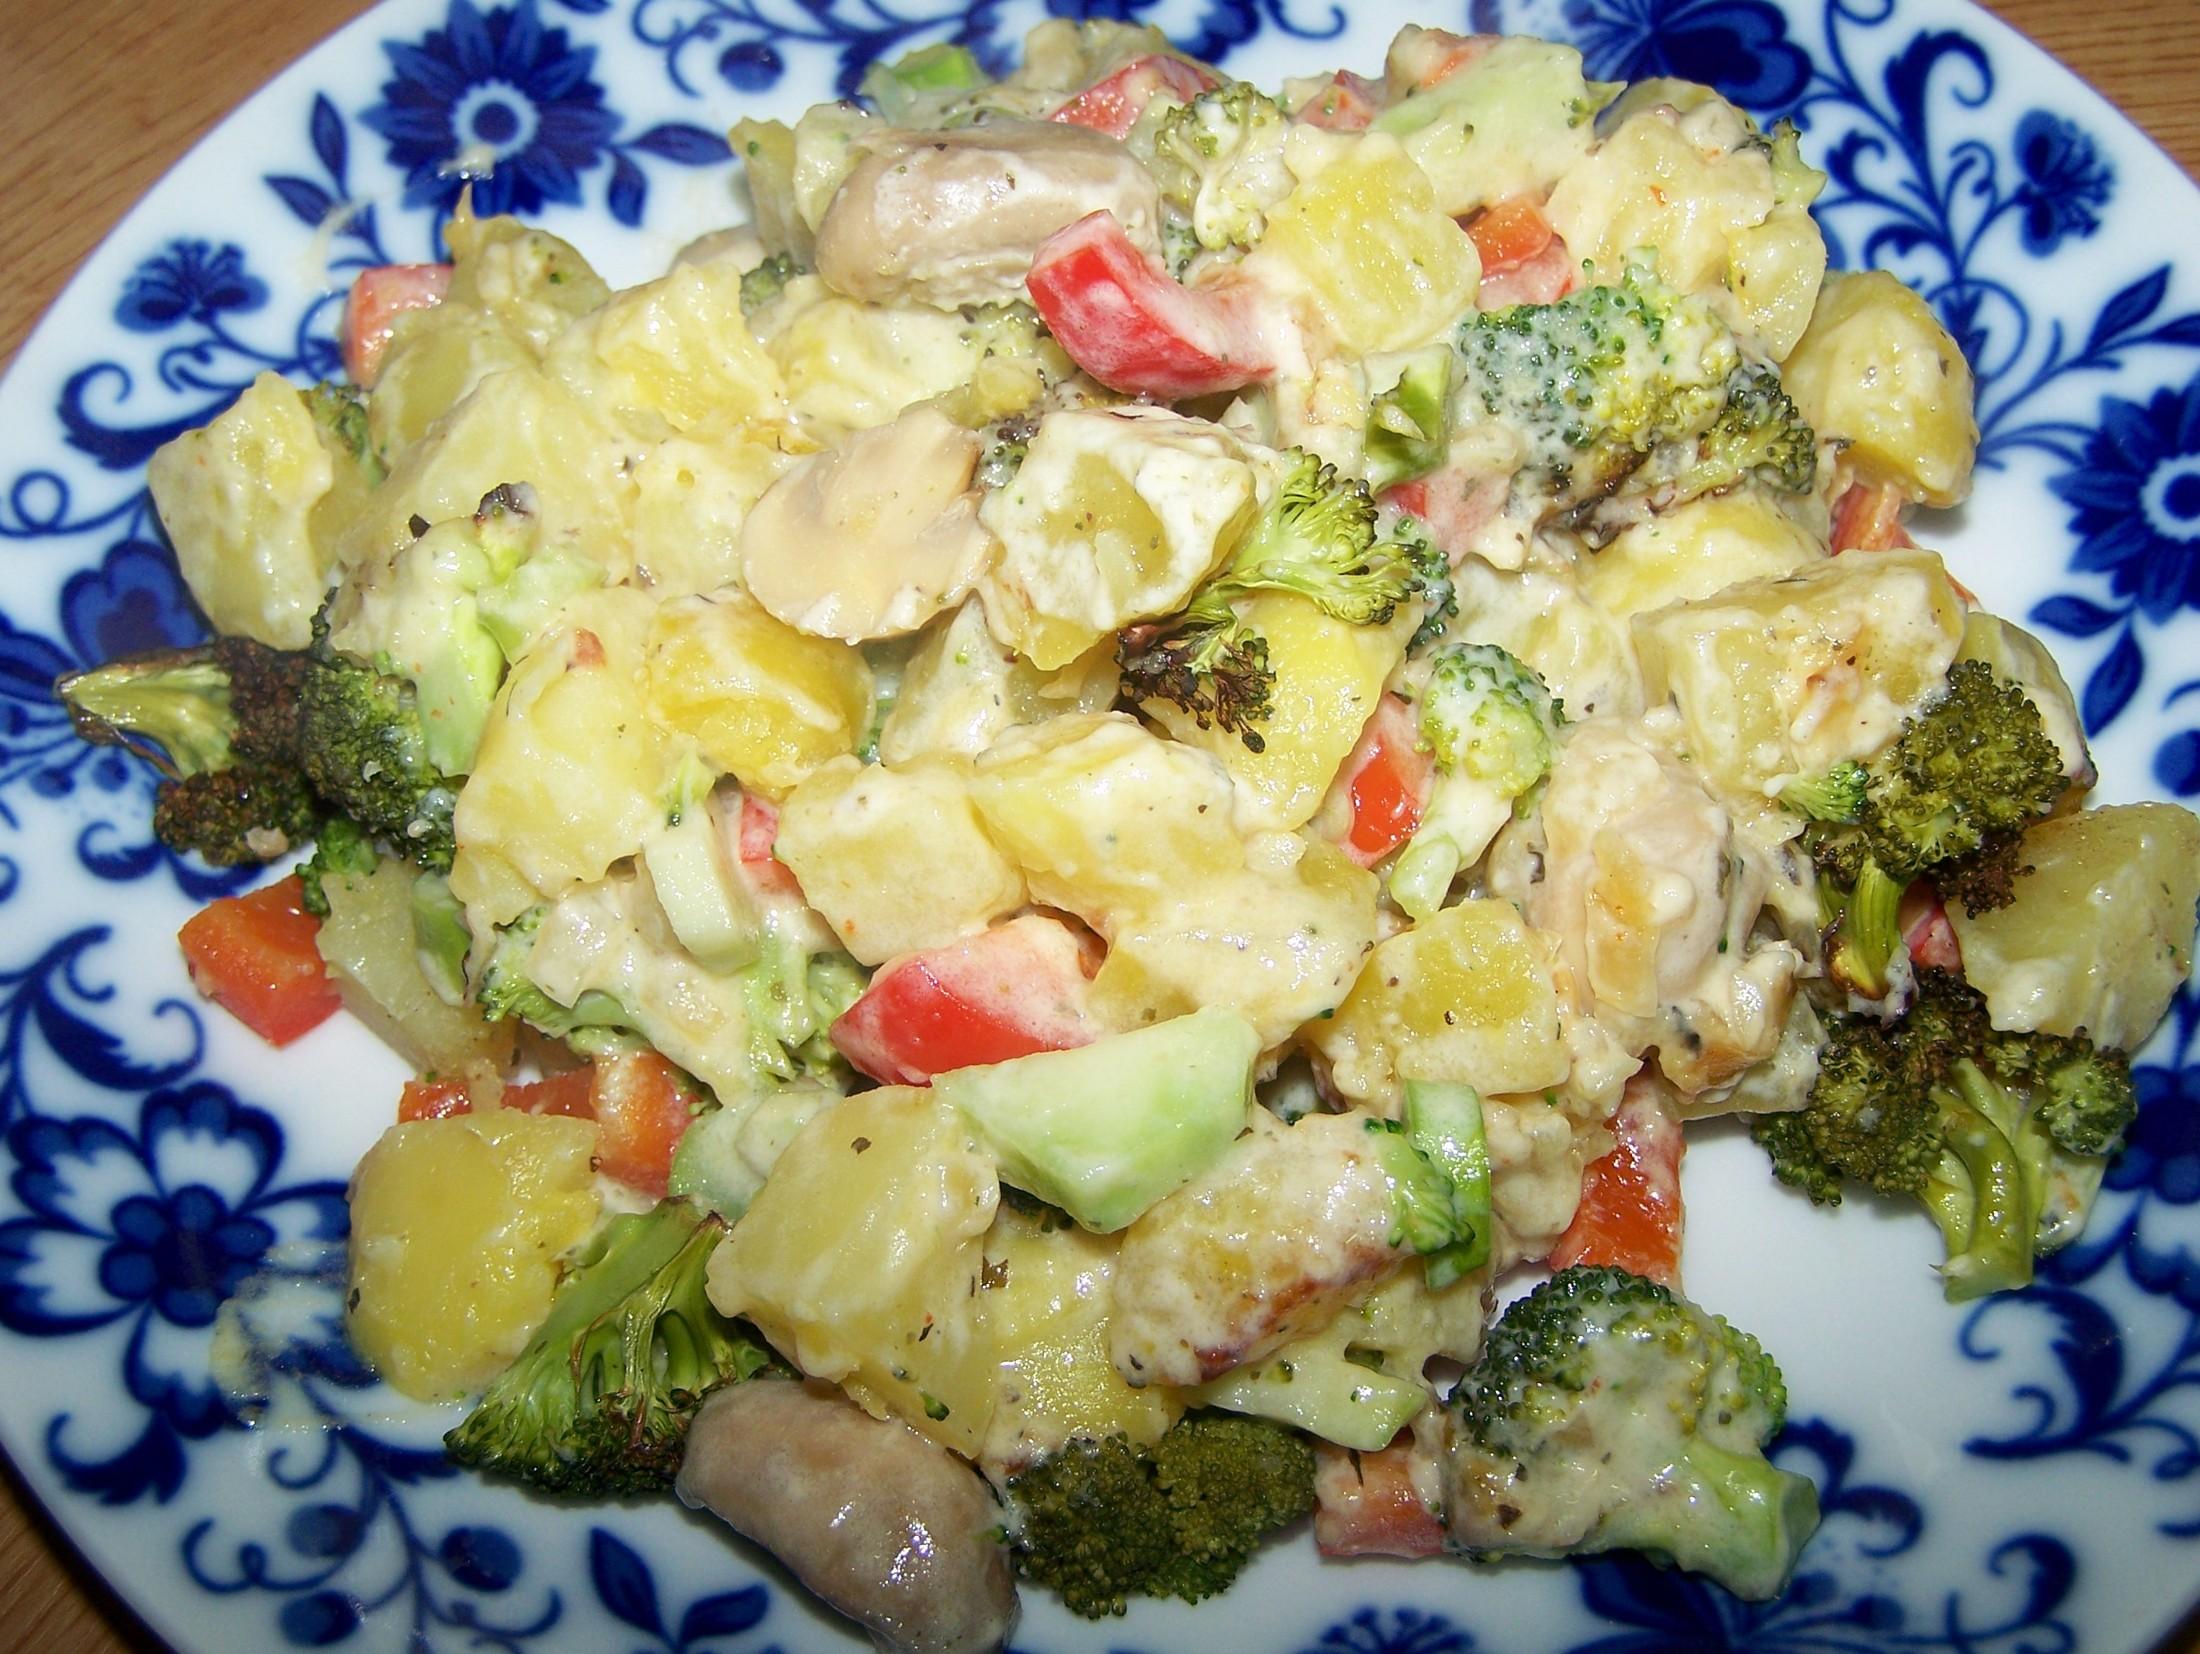 Brambory zapečené s brokolicí a sýrovou omáčkou